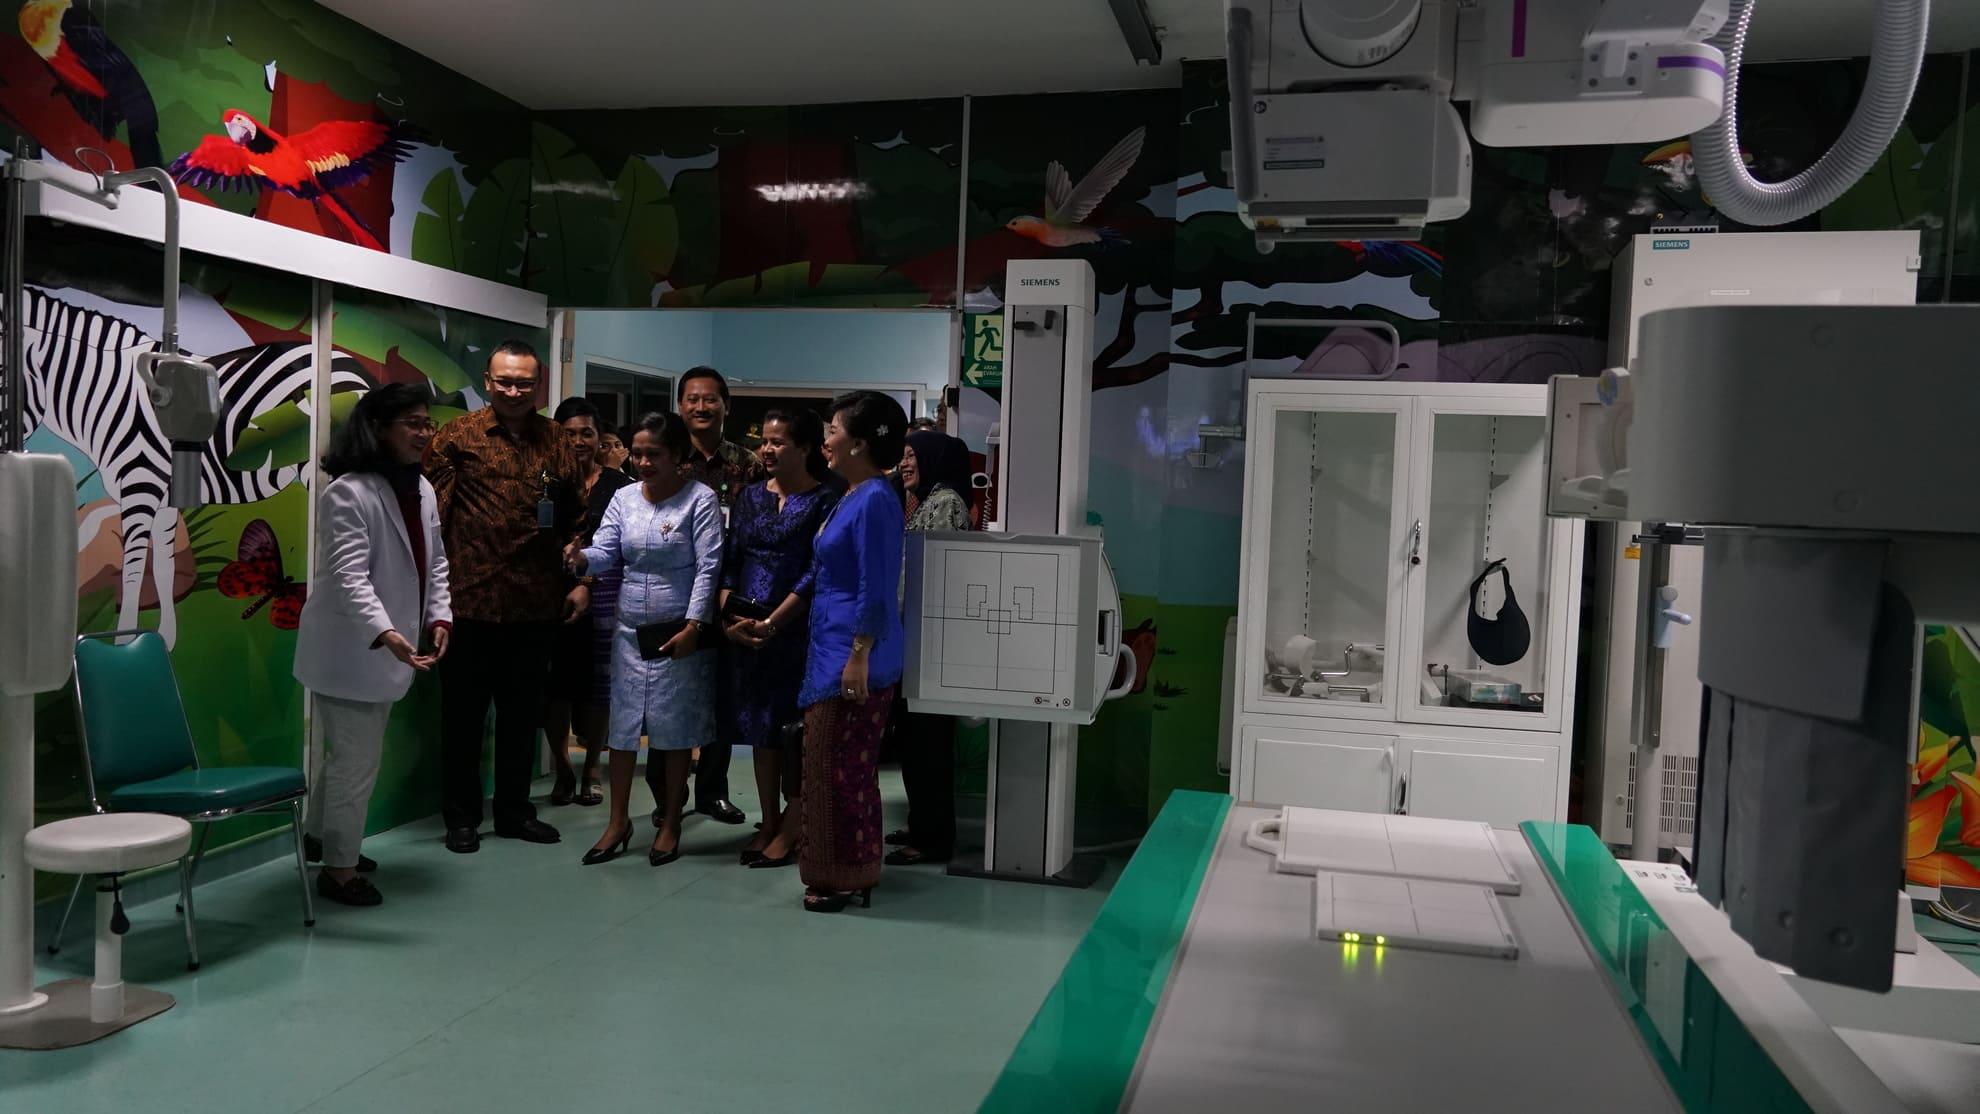 28-6-2018-kunjungan-ibu-negara-timor-leste-ke-ruang-perawatan-di-rsab-harapan-kita-tf-1